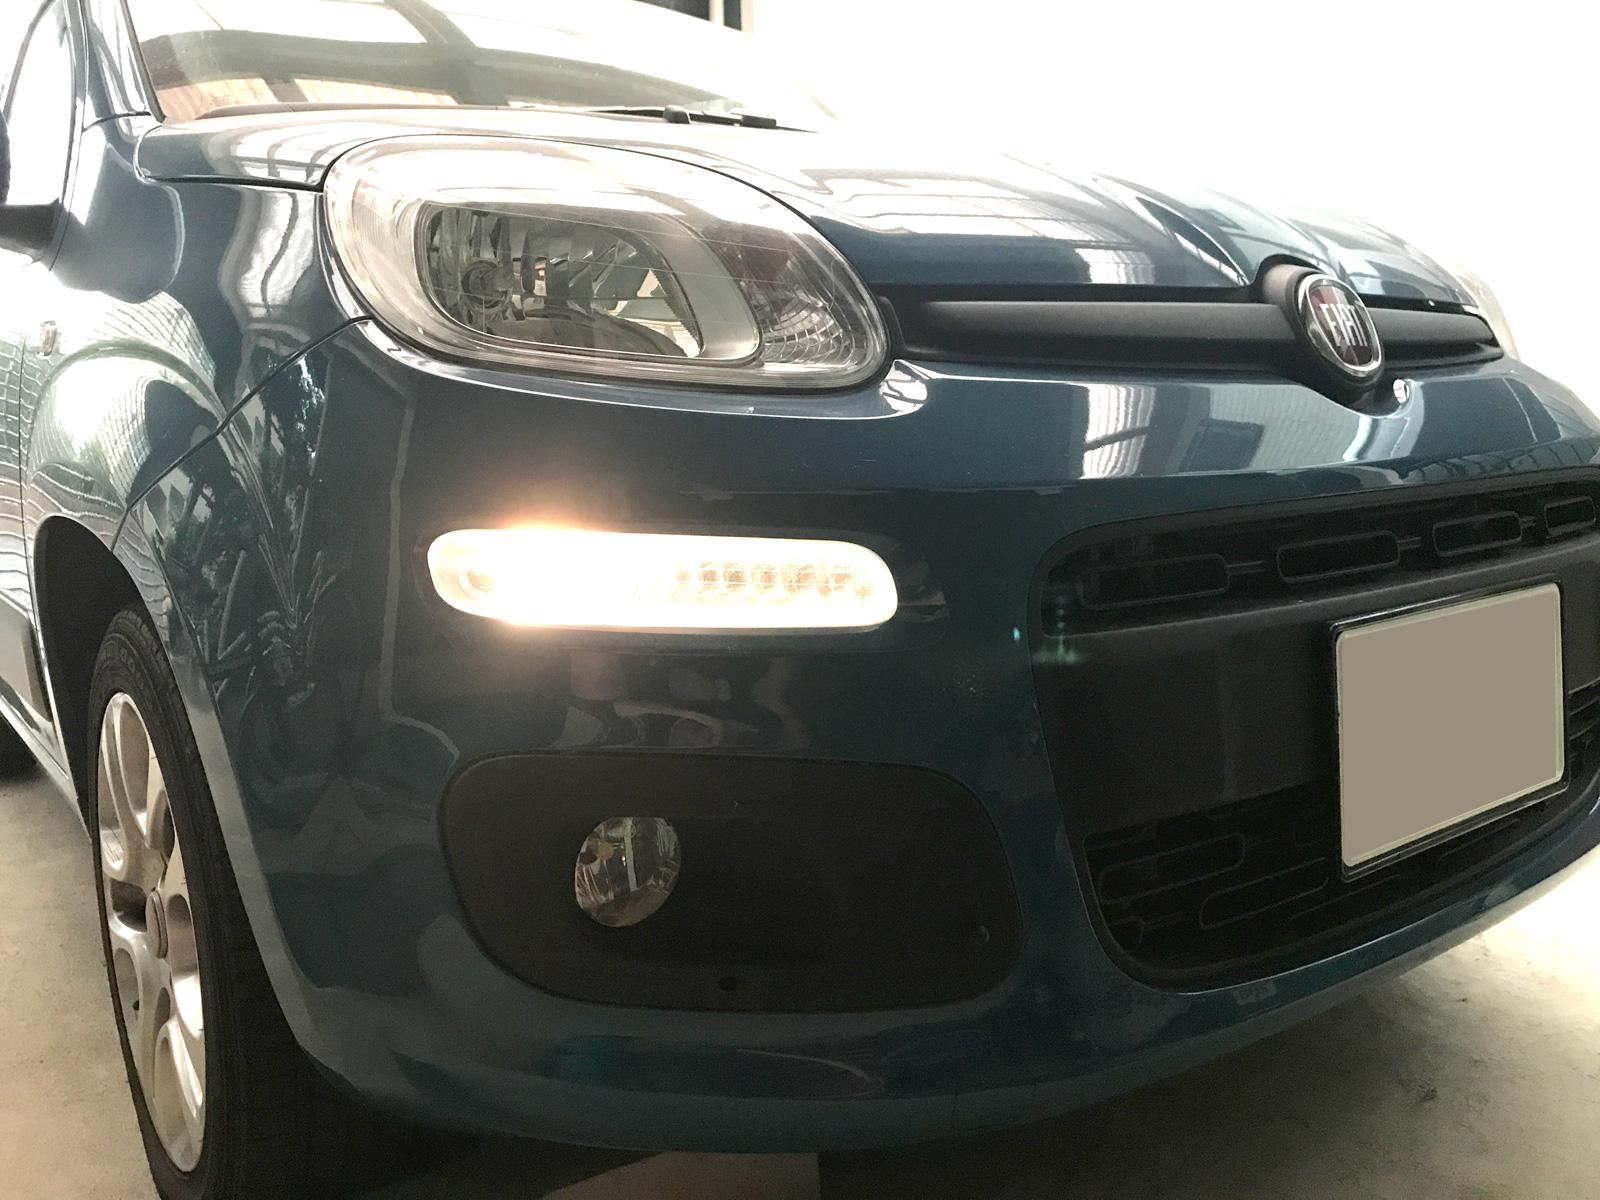 FIAT PANDA3(2013) のデイライト(DRL)を有効化